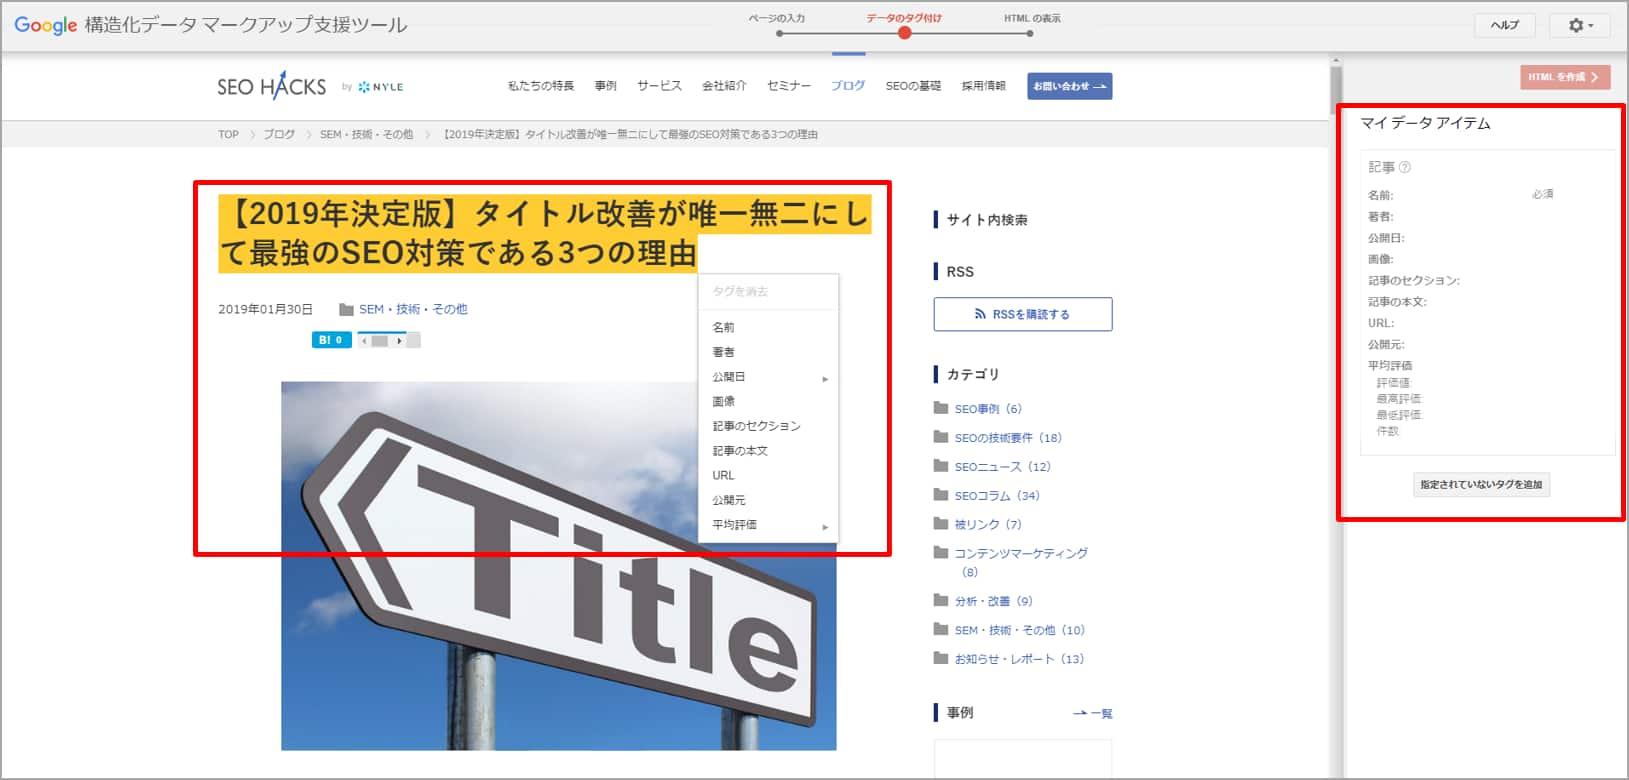 構造化データマークアップ支援ツールメイン画面